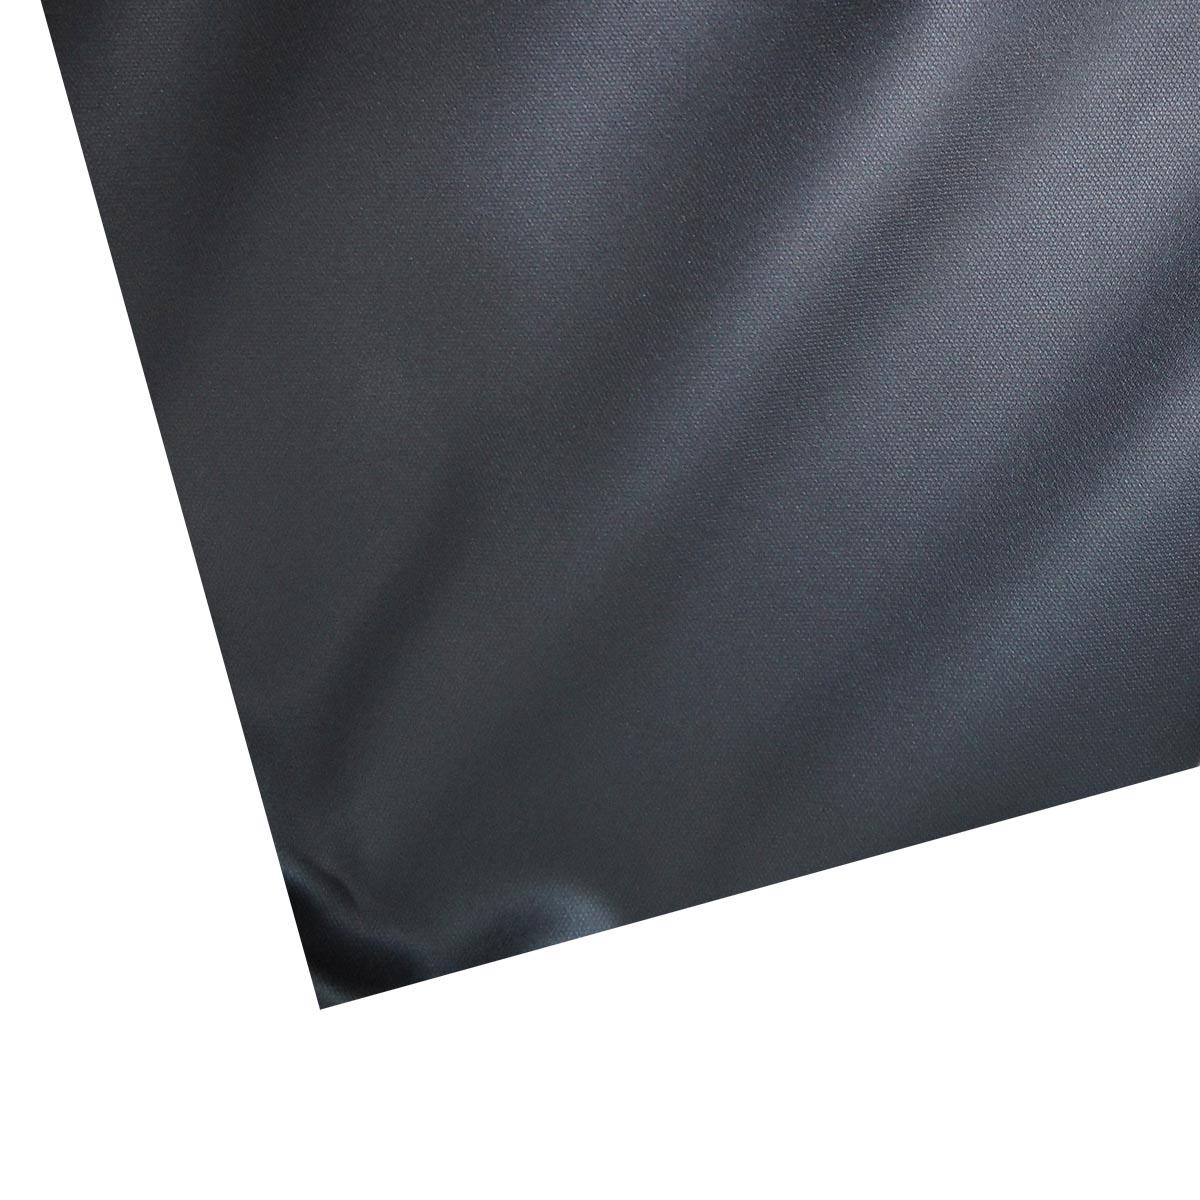 Teichfolien Zuschnitt PVC 1,0 mm 6 x 1 m = 6 qm